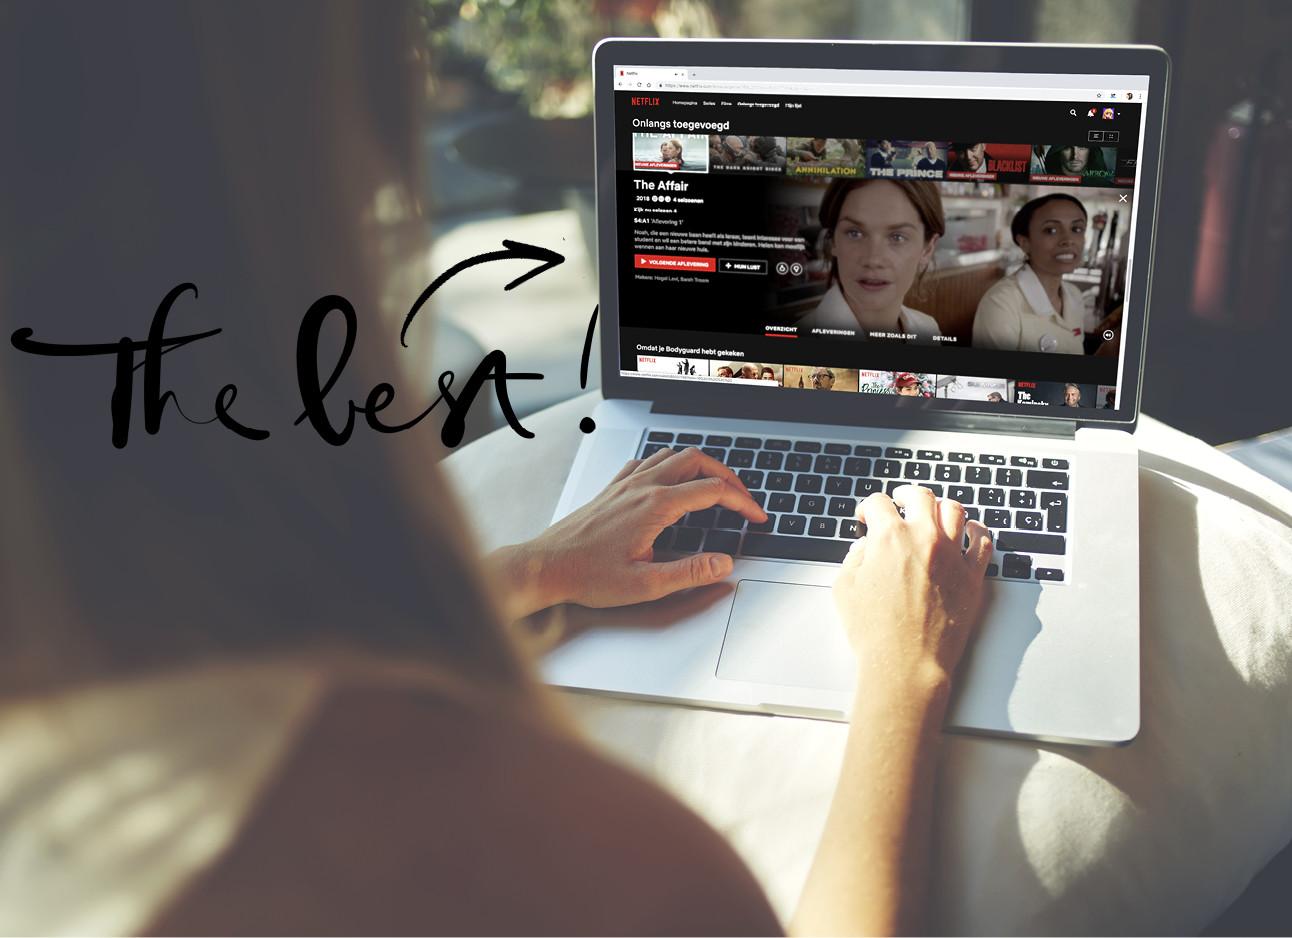 Netflix series kijken